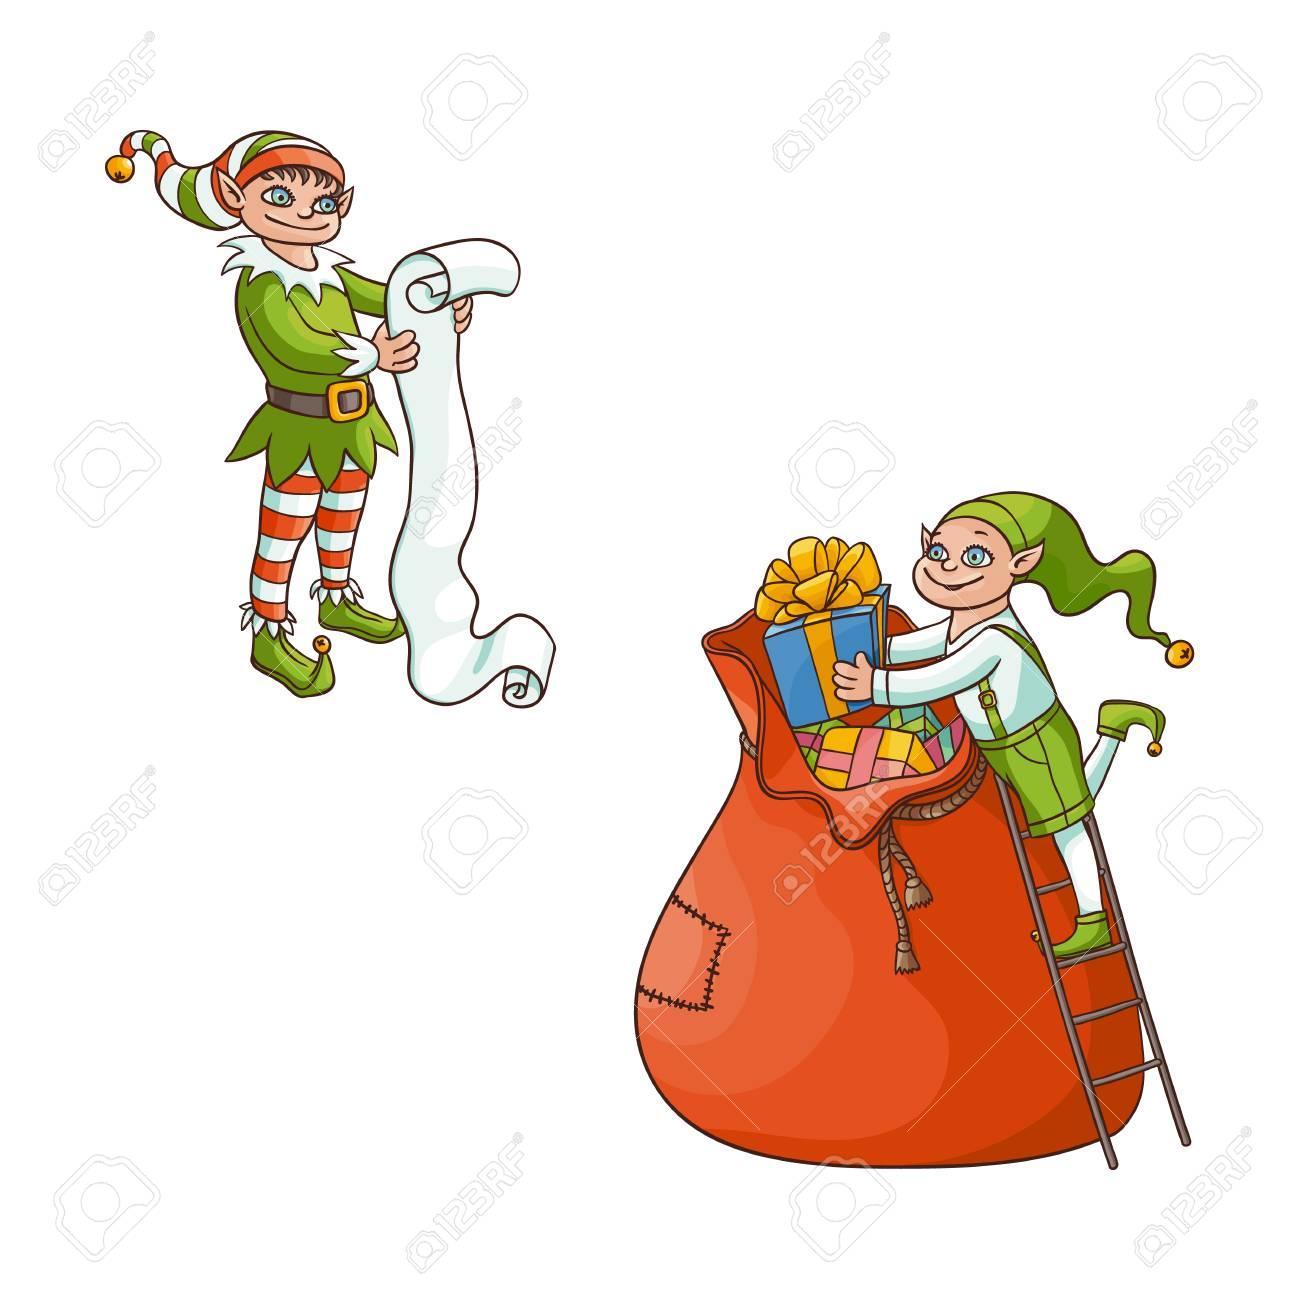 bedcb31143ba Vecteur Dessin Animé Plat Dessinés à La Main Garçon Elfe De Noël En Bonnet  De Noel Pliant Présentoir D or Boîtes En Grand Sac, Un Autre Elfe Tenant  Grand ...